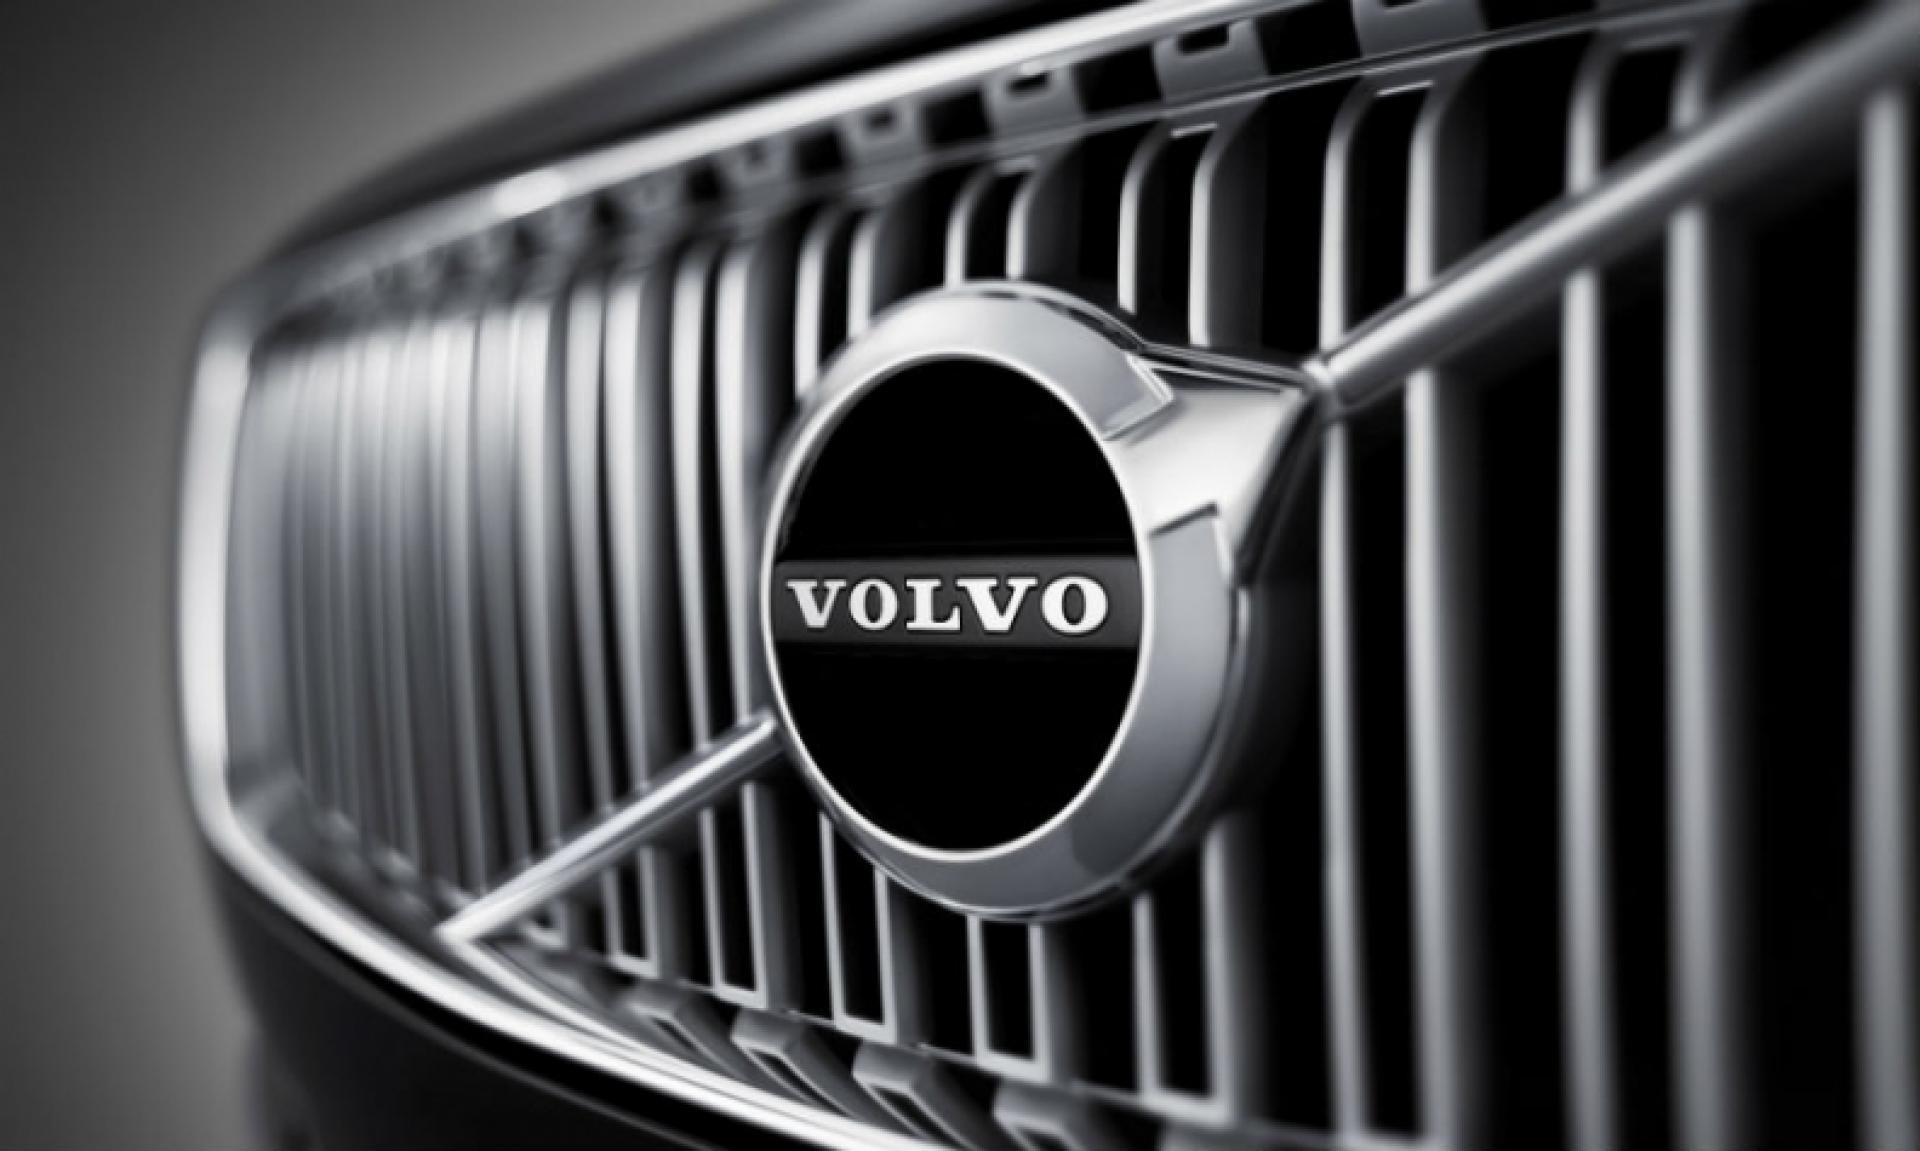 فولفو تتيح لعملائها استبدال سياراتهم كل 4 أشهر